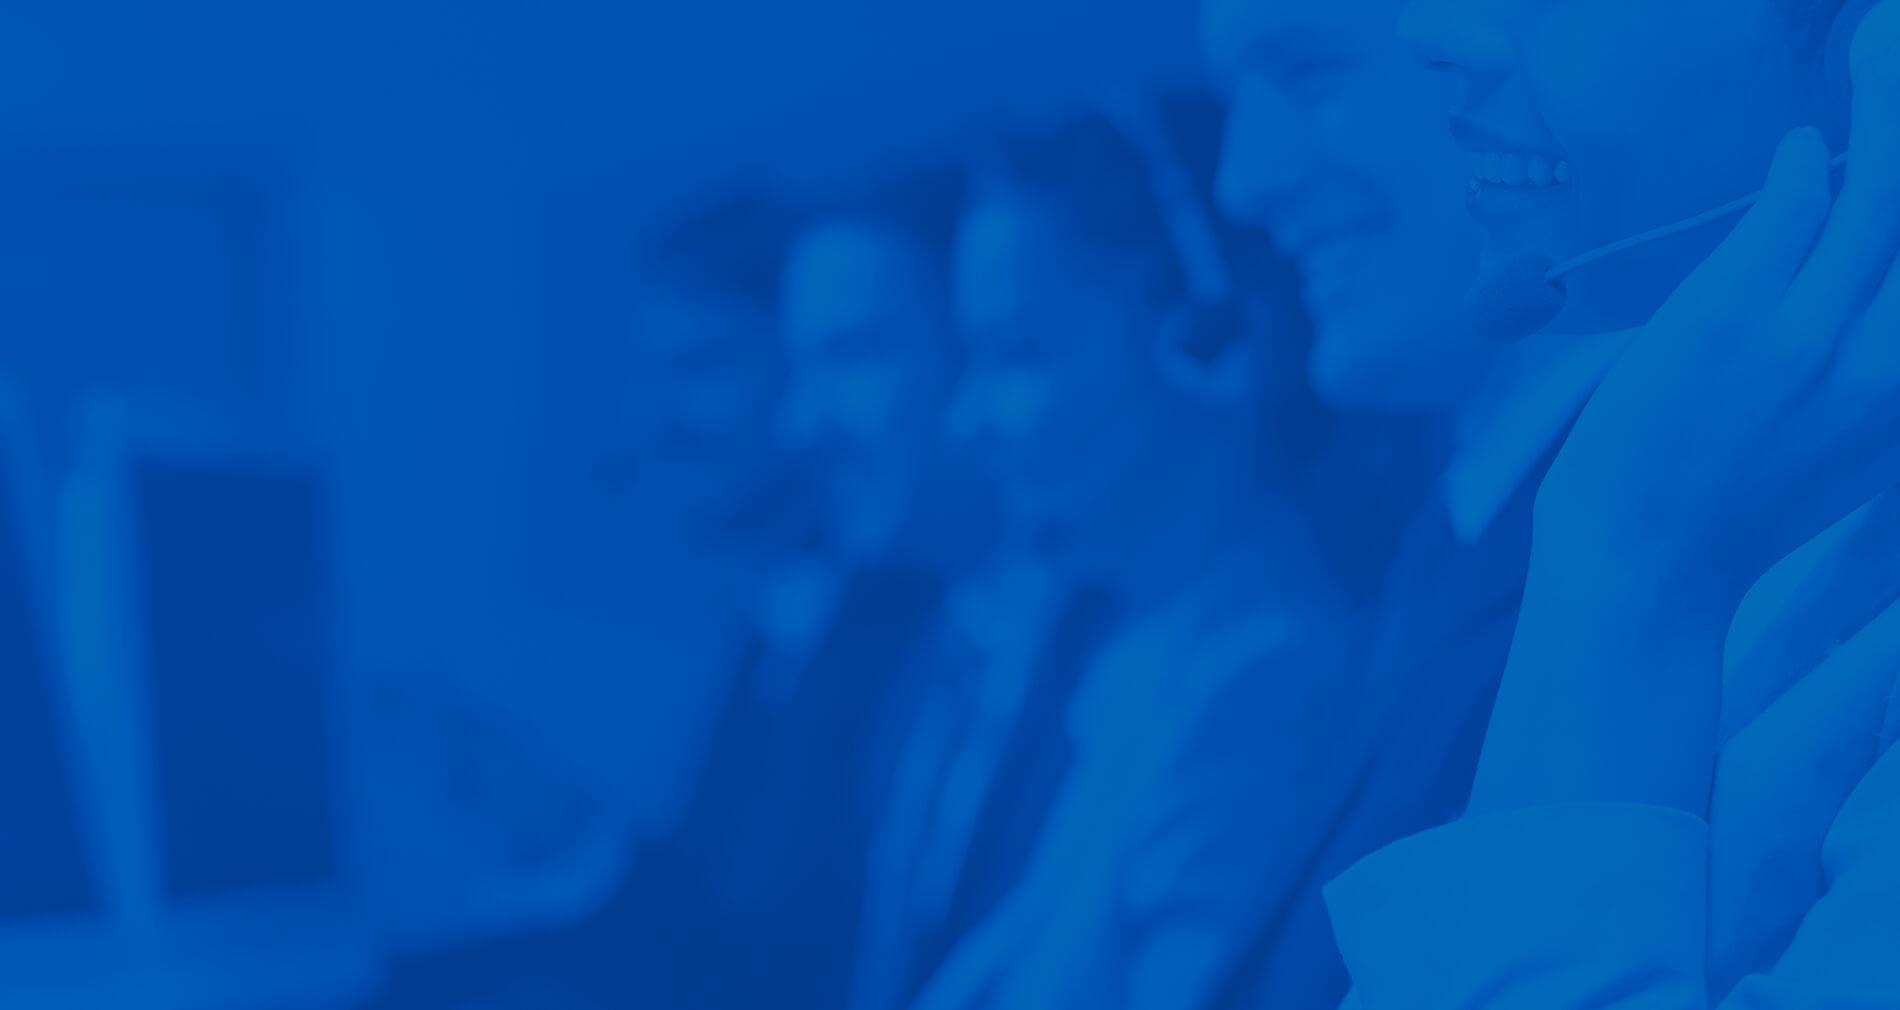 Telefonservice-Unternehmen: Website-Background